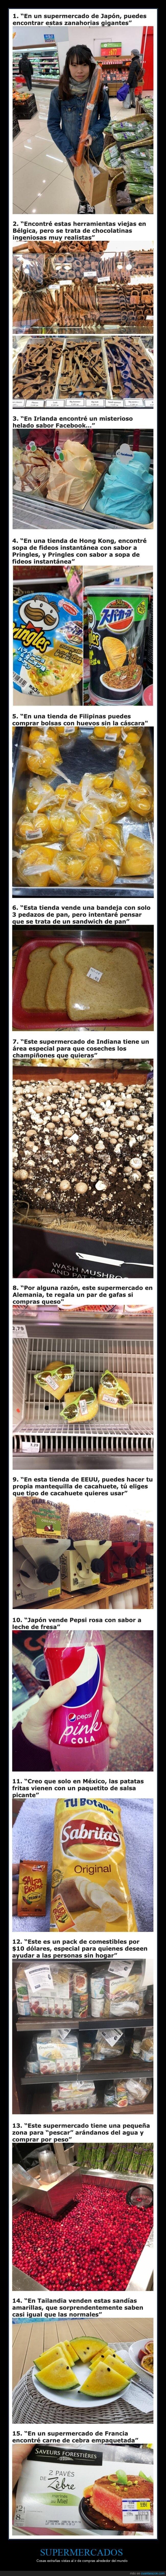 productos,supermercados,wtf